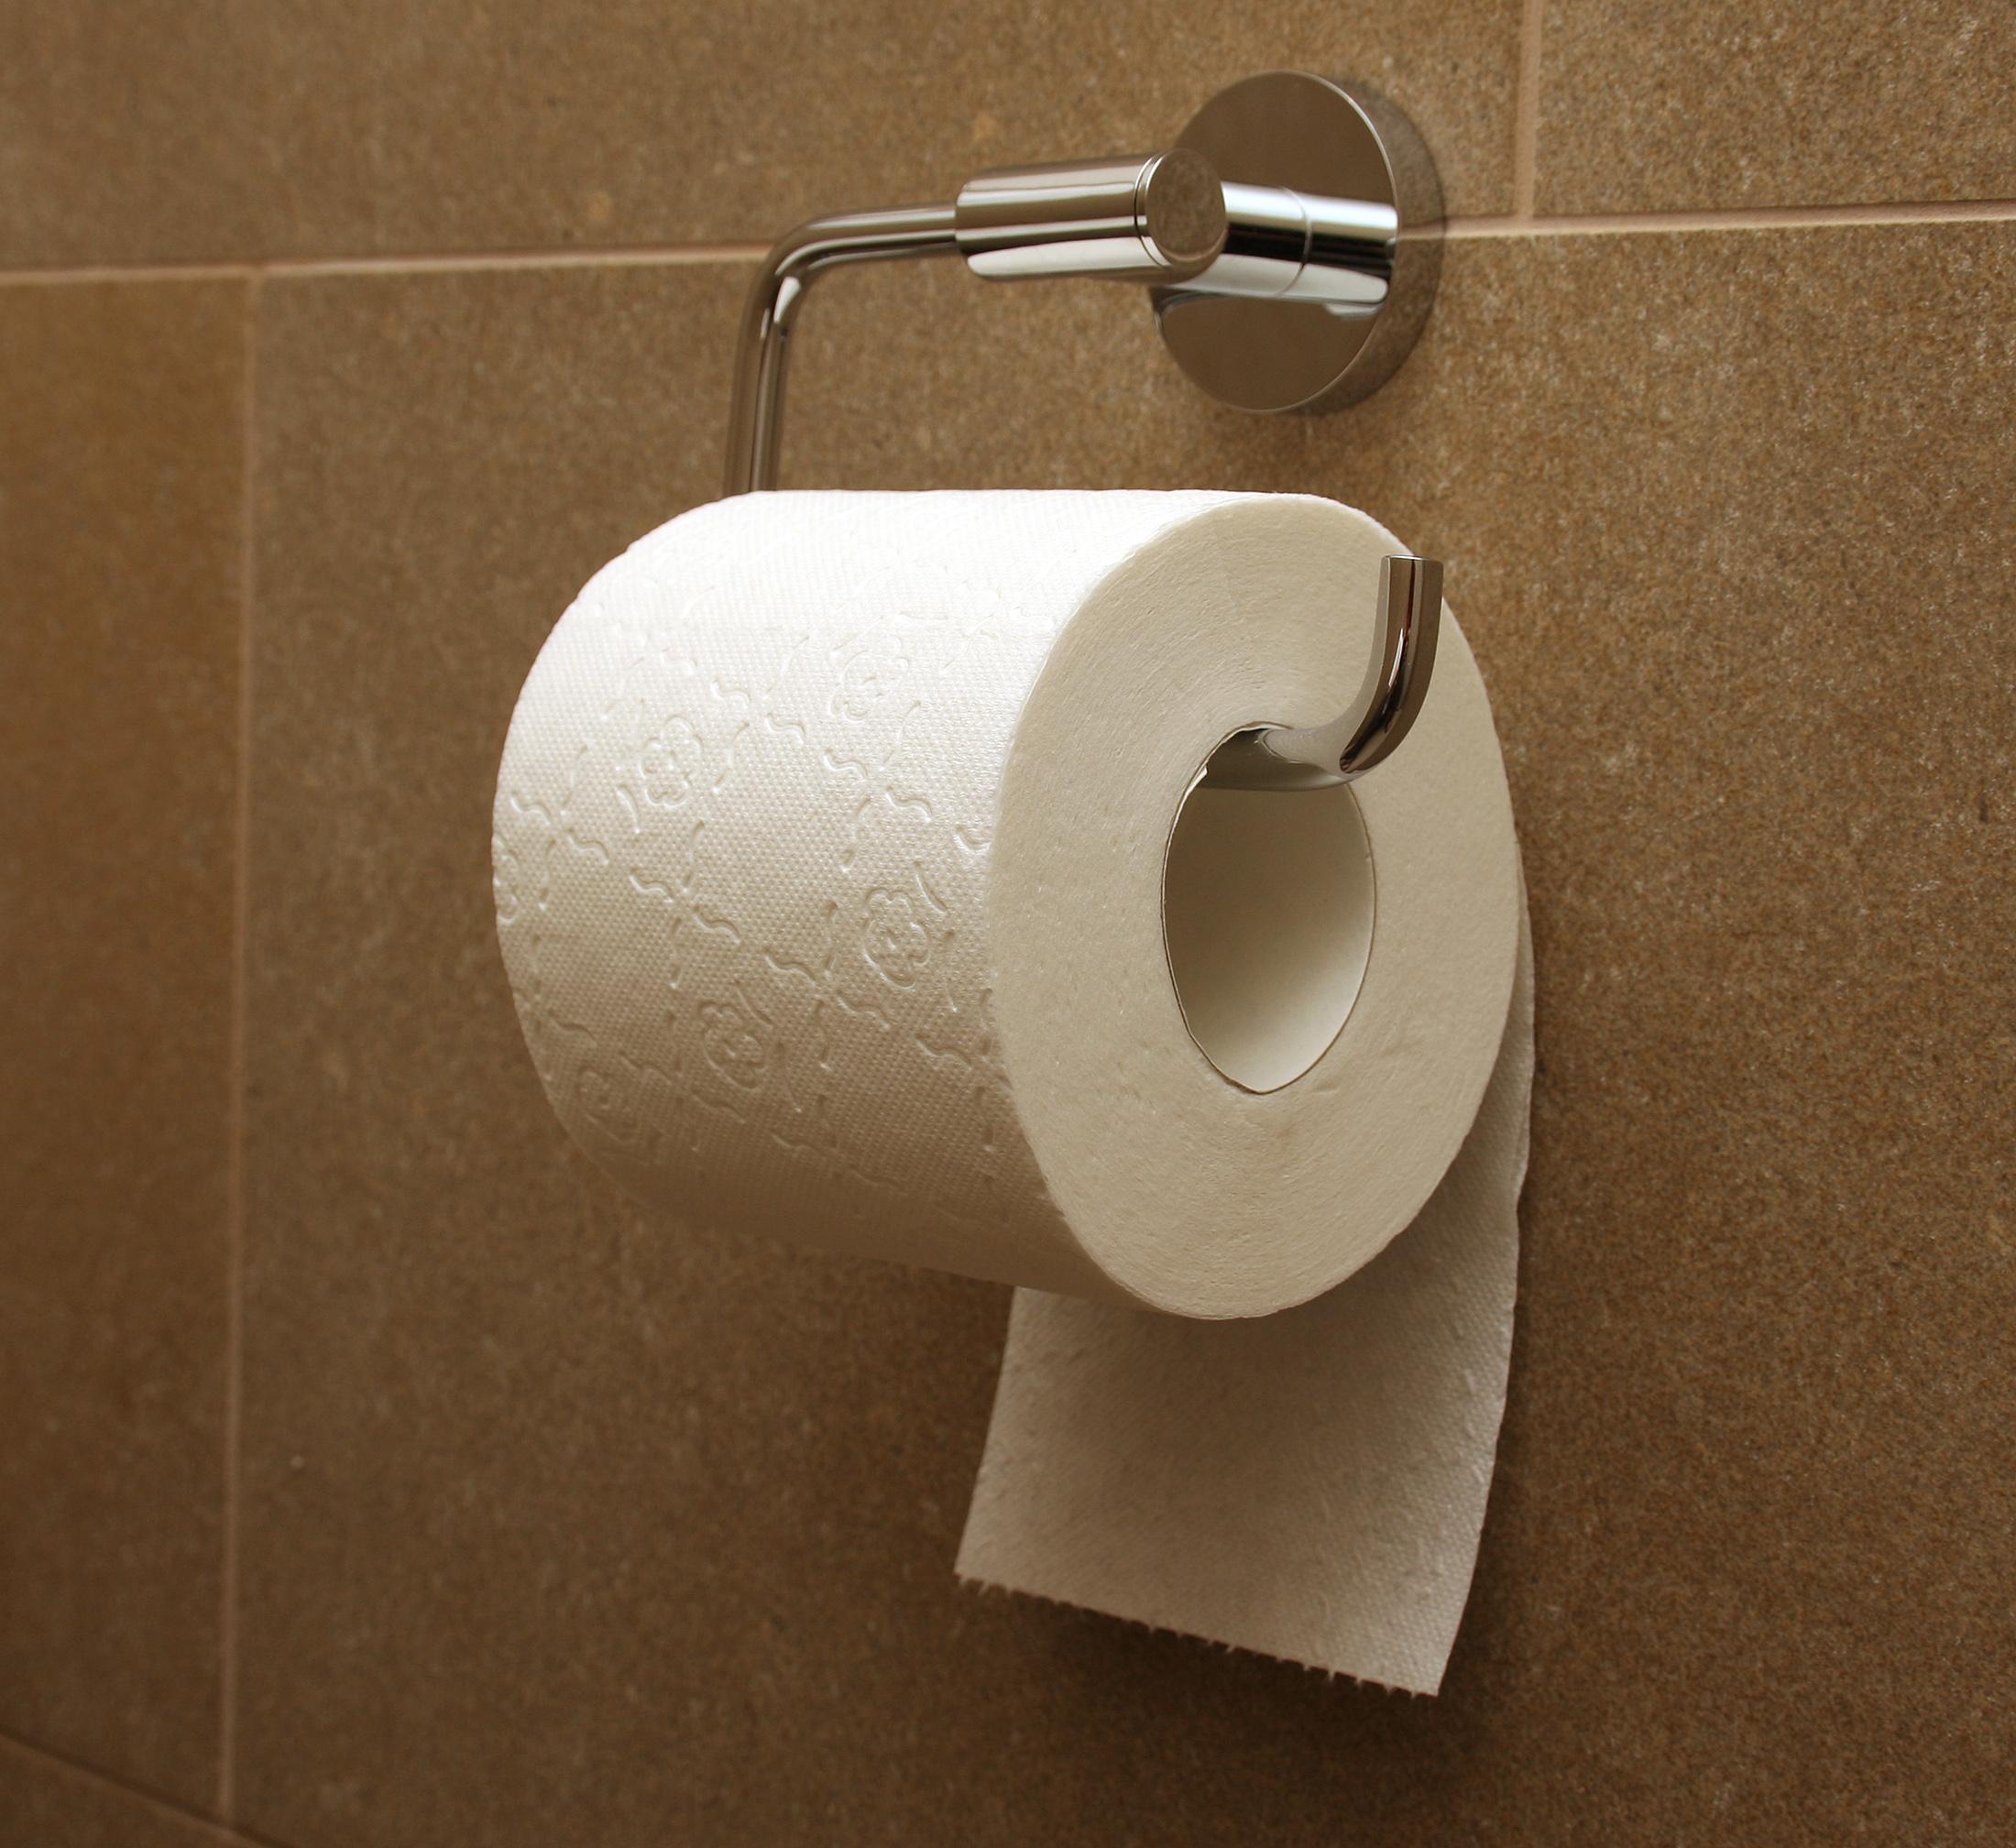 Toilet_paper_orientation_under.jpg